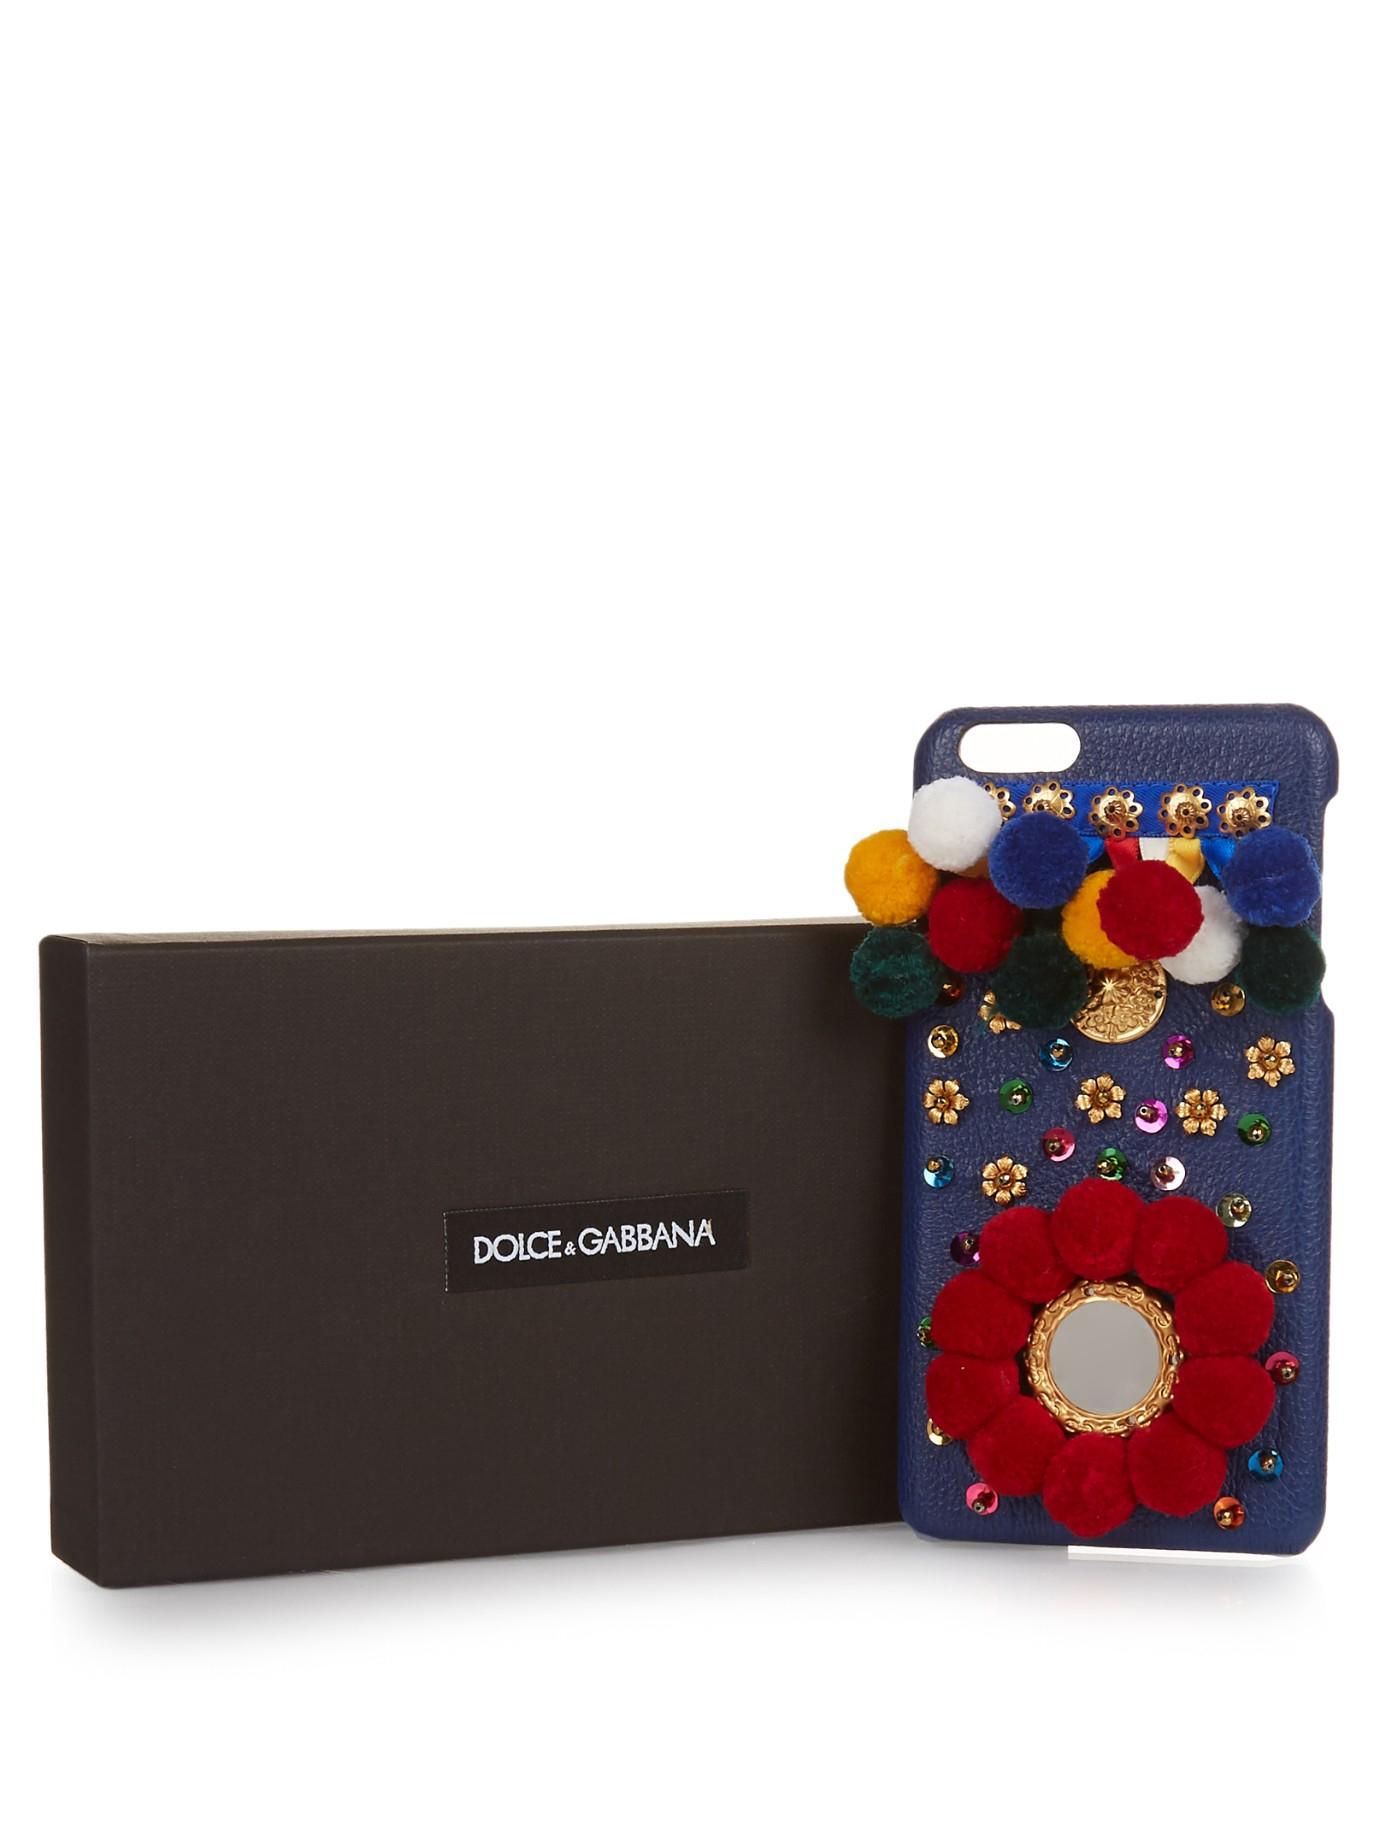 Versace Phone Case Iphone S Plus